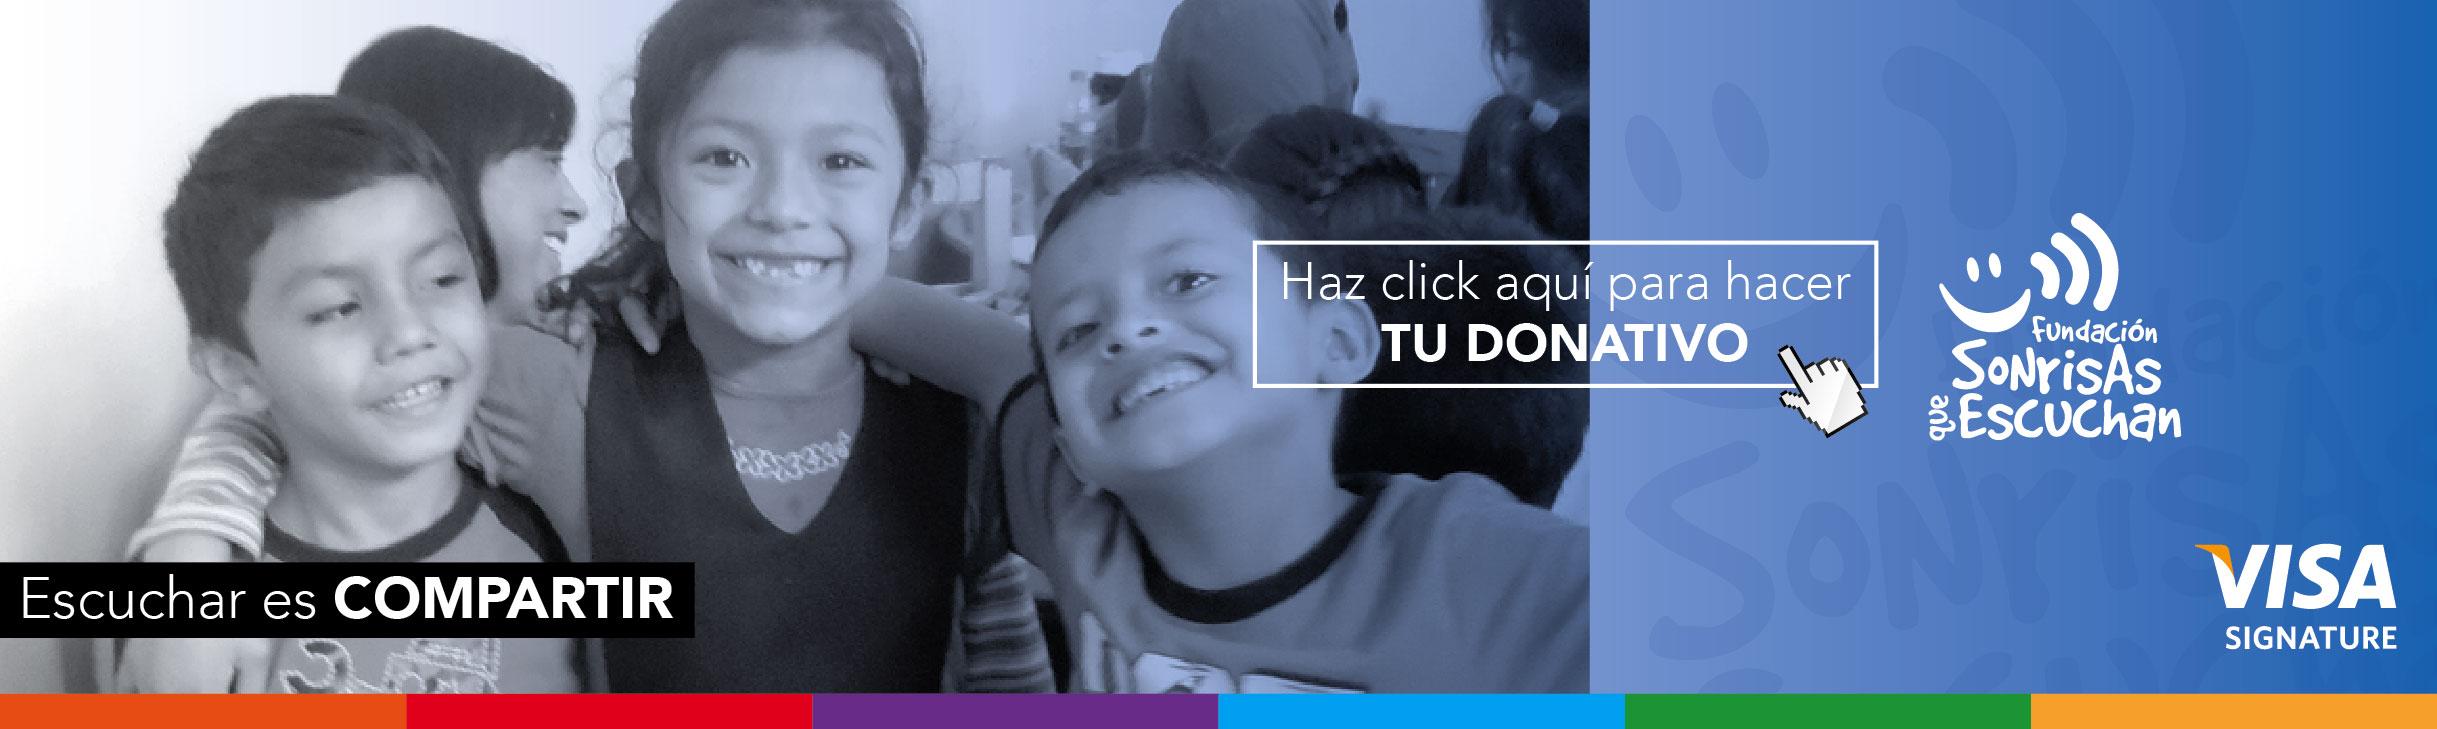 baner-internet-para-donaciones-02